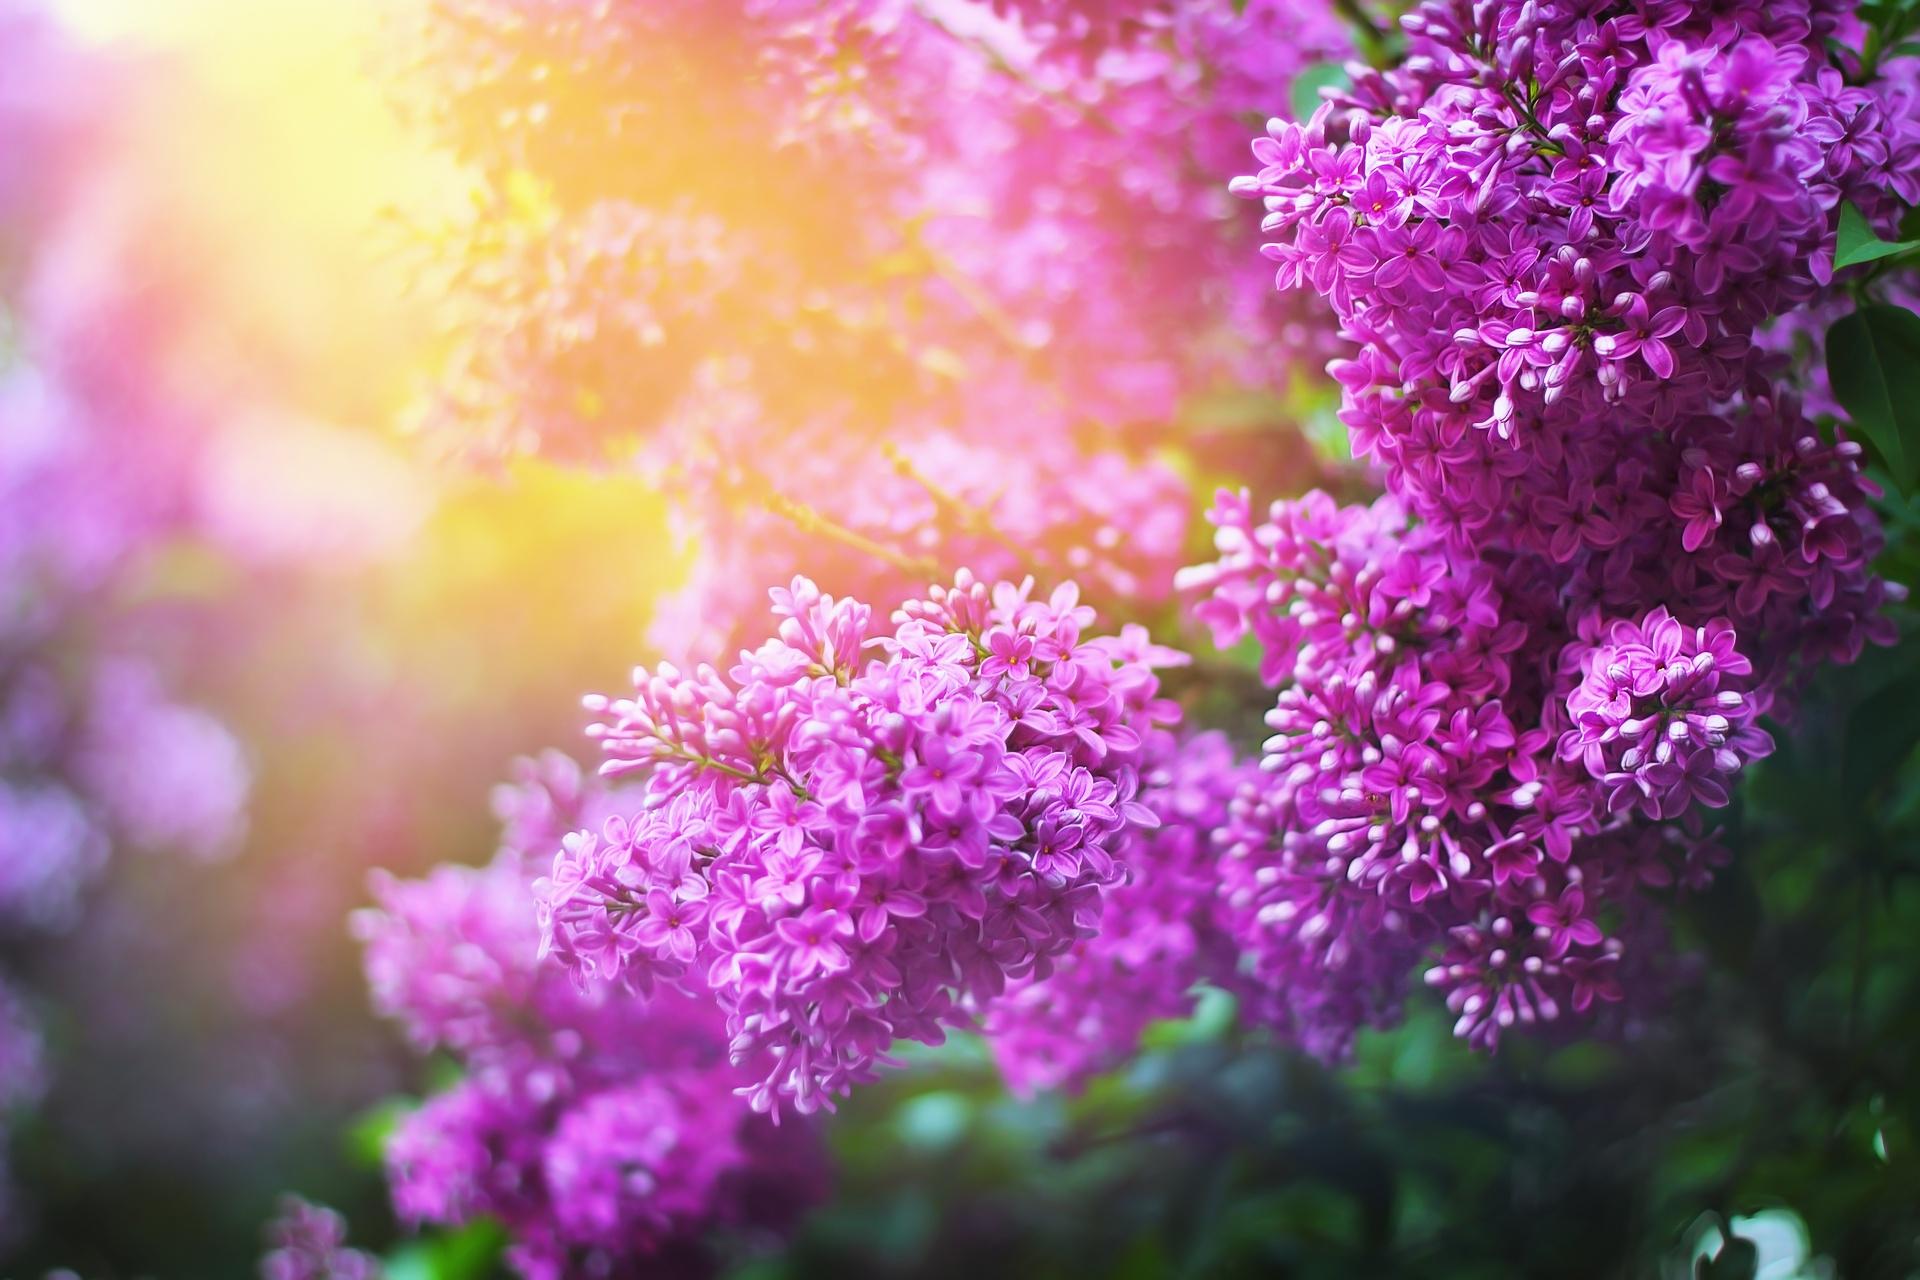 Ảnh hoa tử đinh hương - loài hoa tượng trưng cho tình yêu